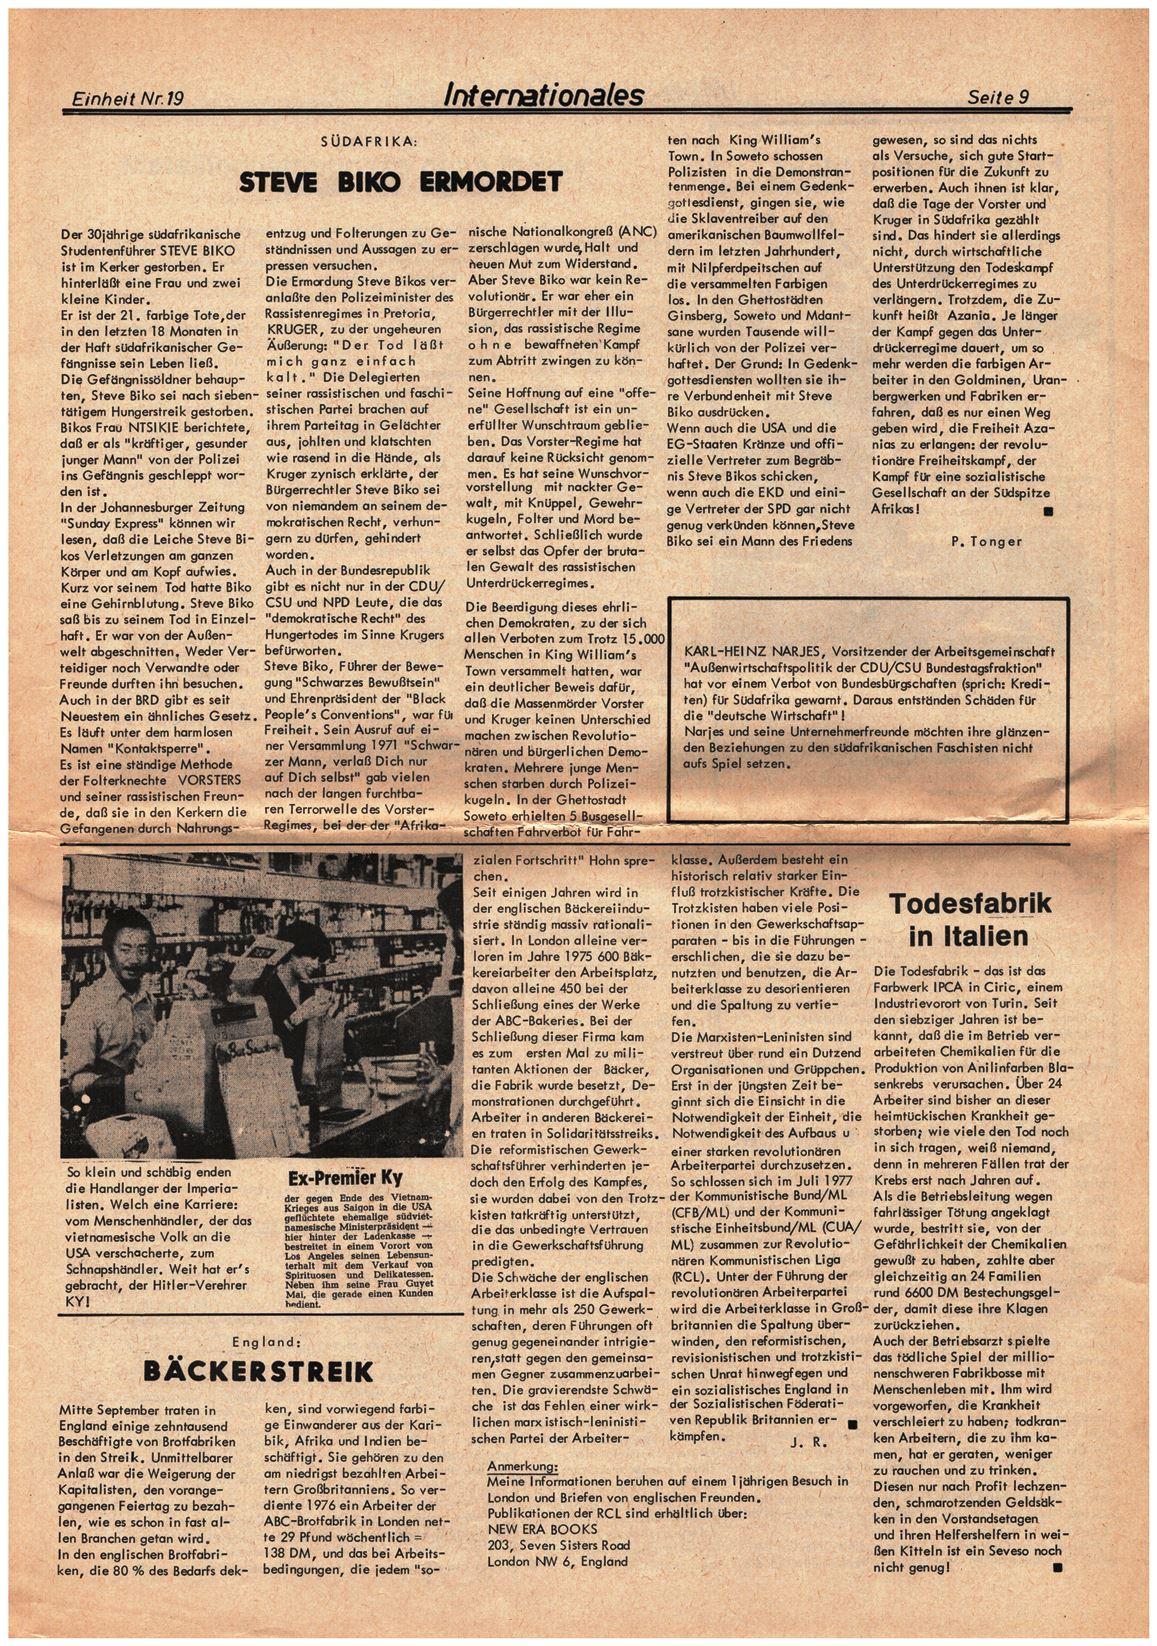 Koeln_IPdA_Einheit_1977_019_009